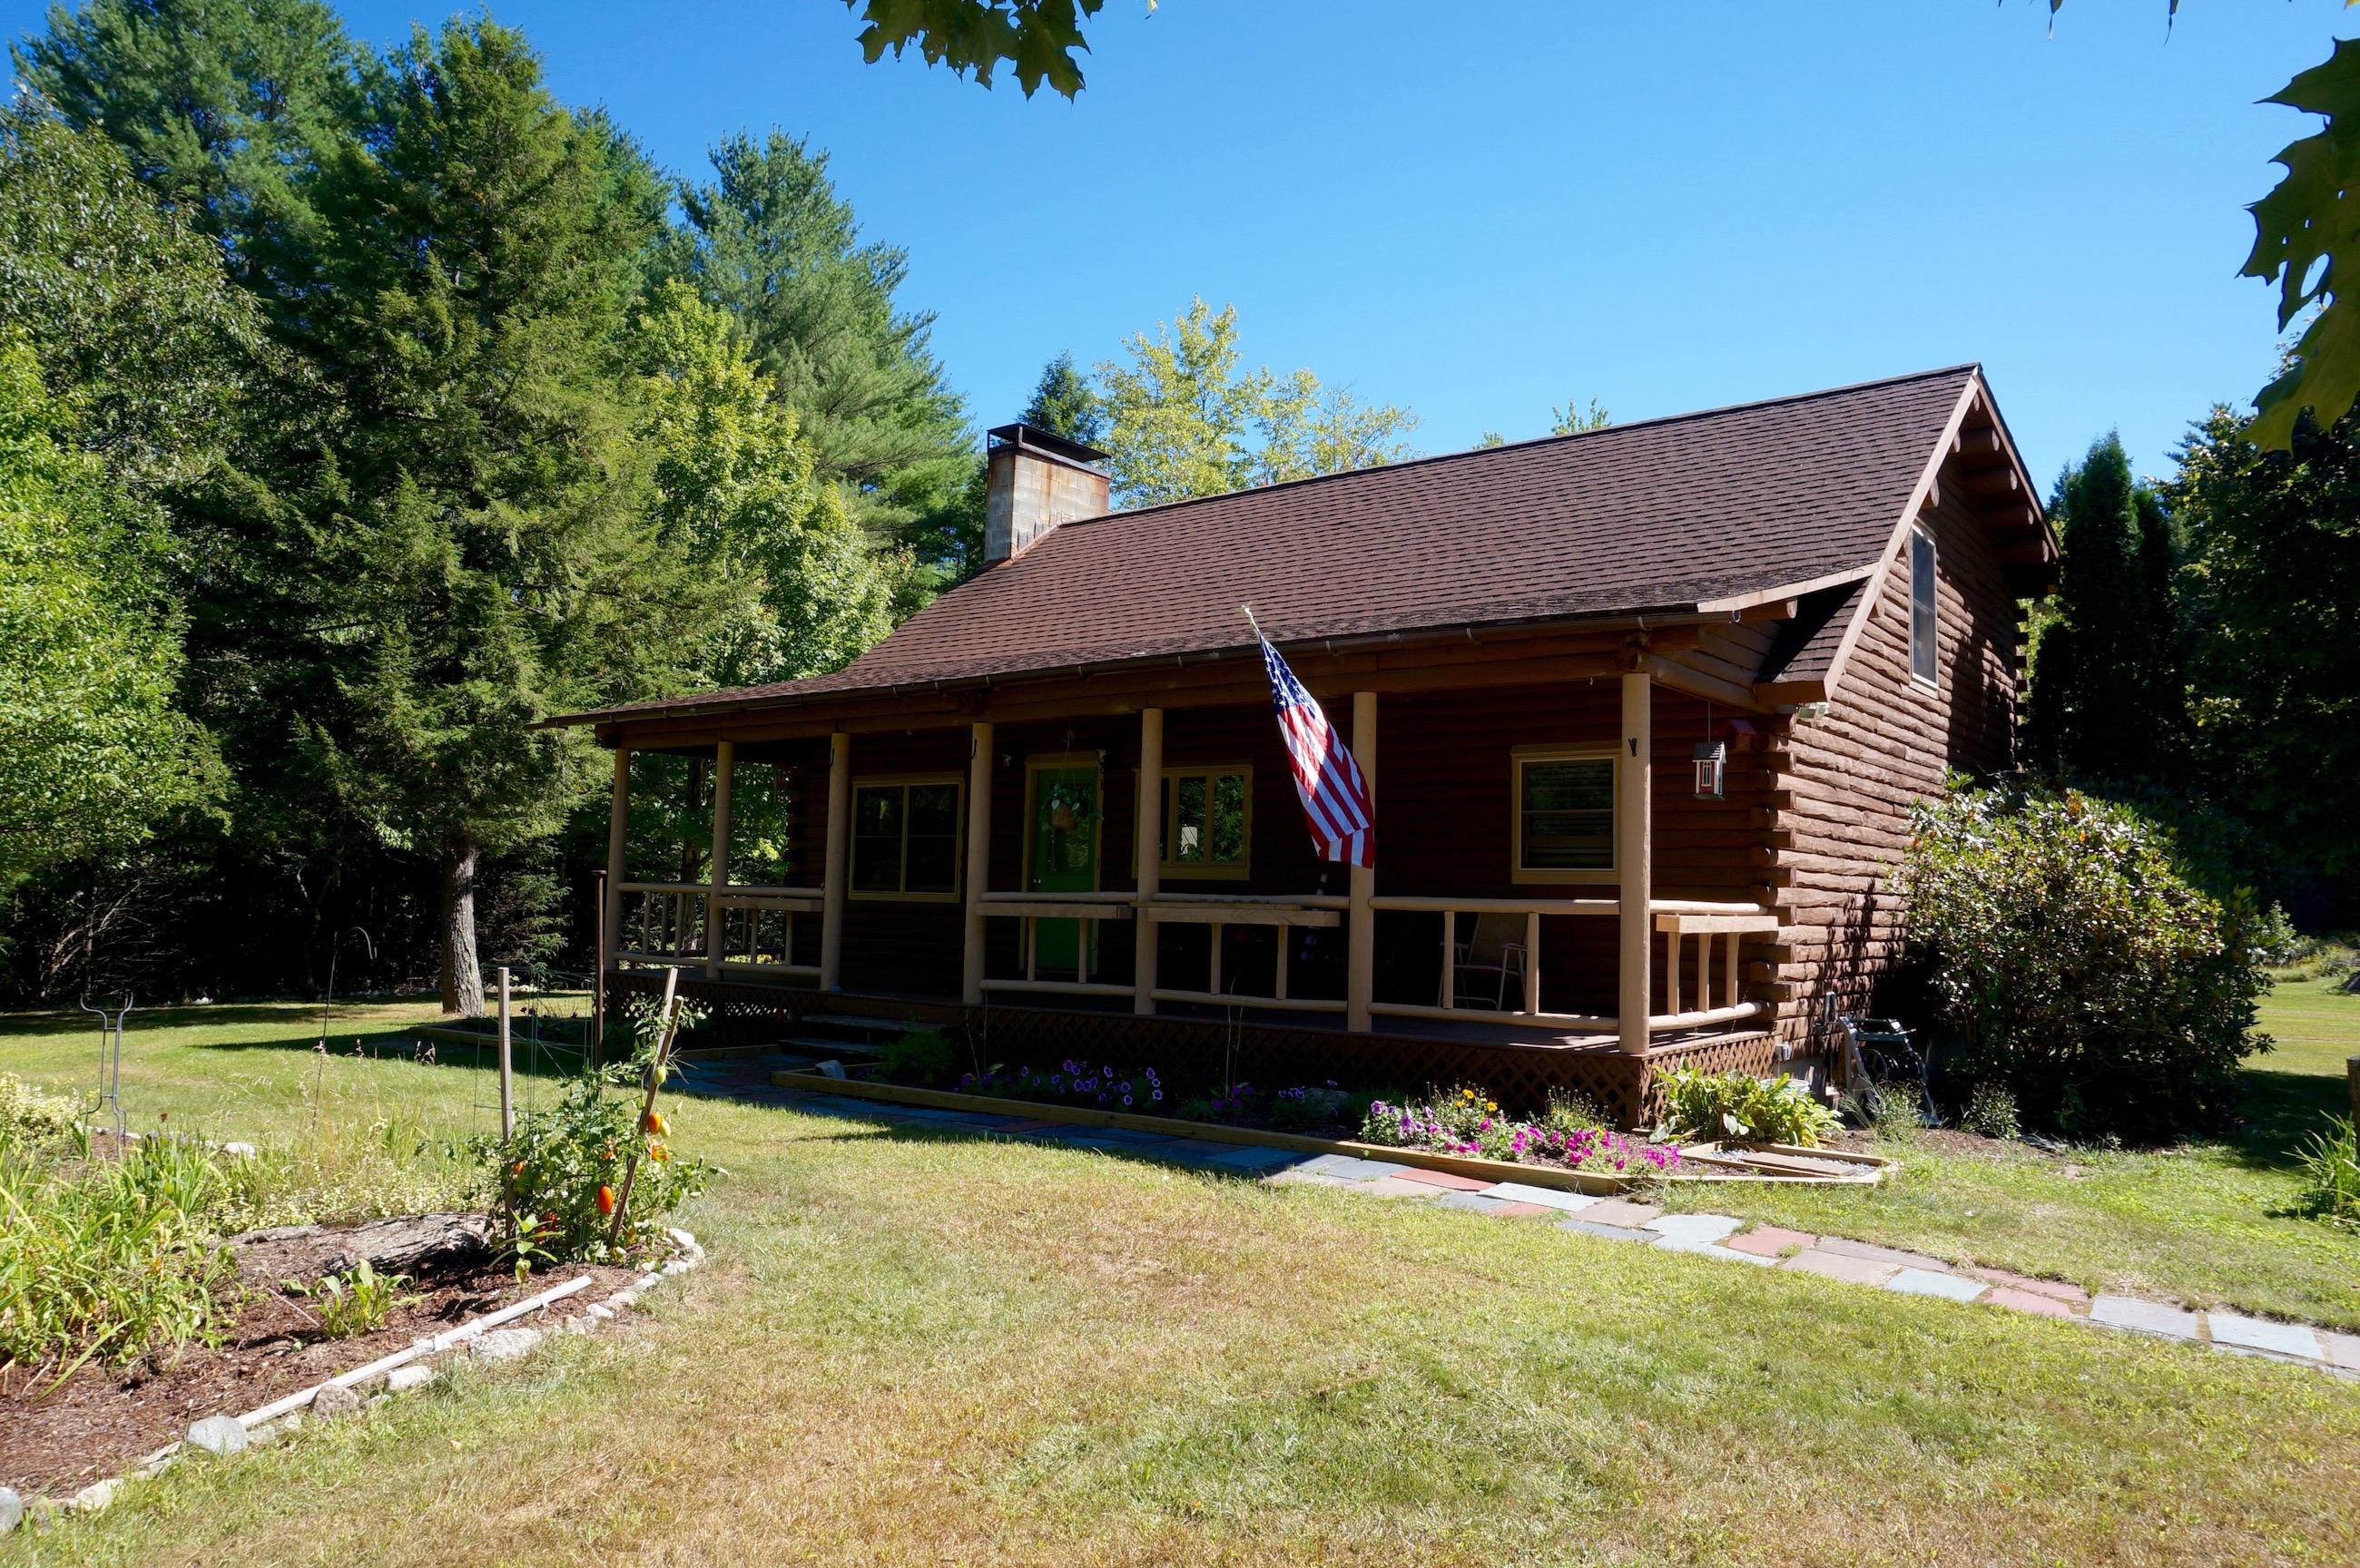 Maison unifamiliale pour l Vente à 44 Southgate Rd, Newbury Newbury, New Hampshire, 03255 États-Unis